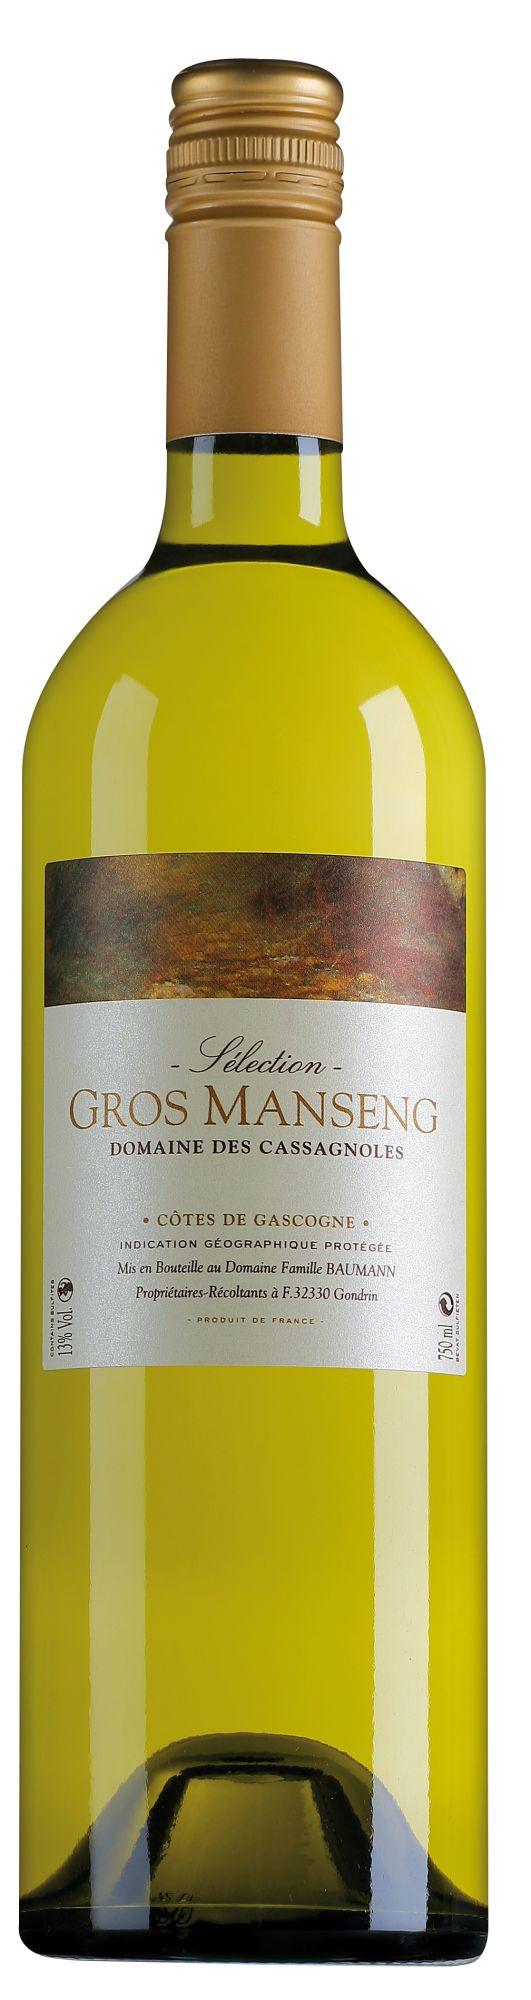 Domaine des Cassagnoles Gascogne Gros Manseng